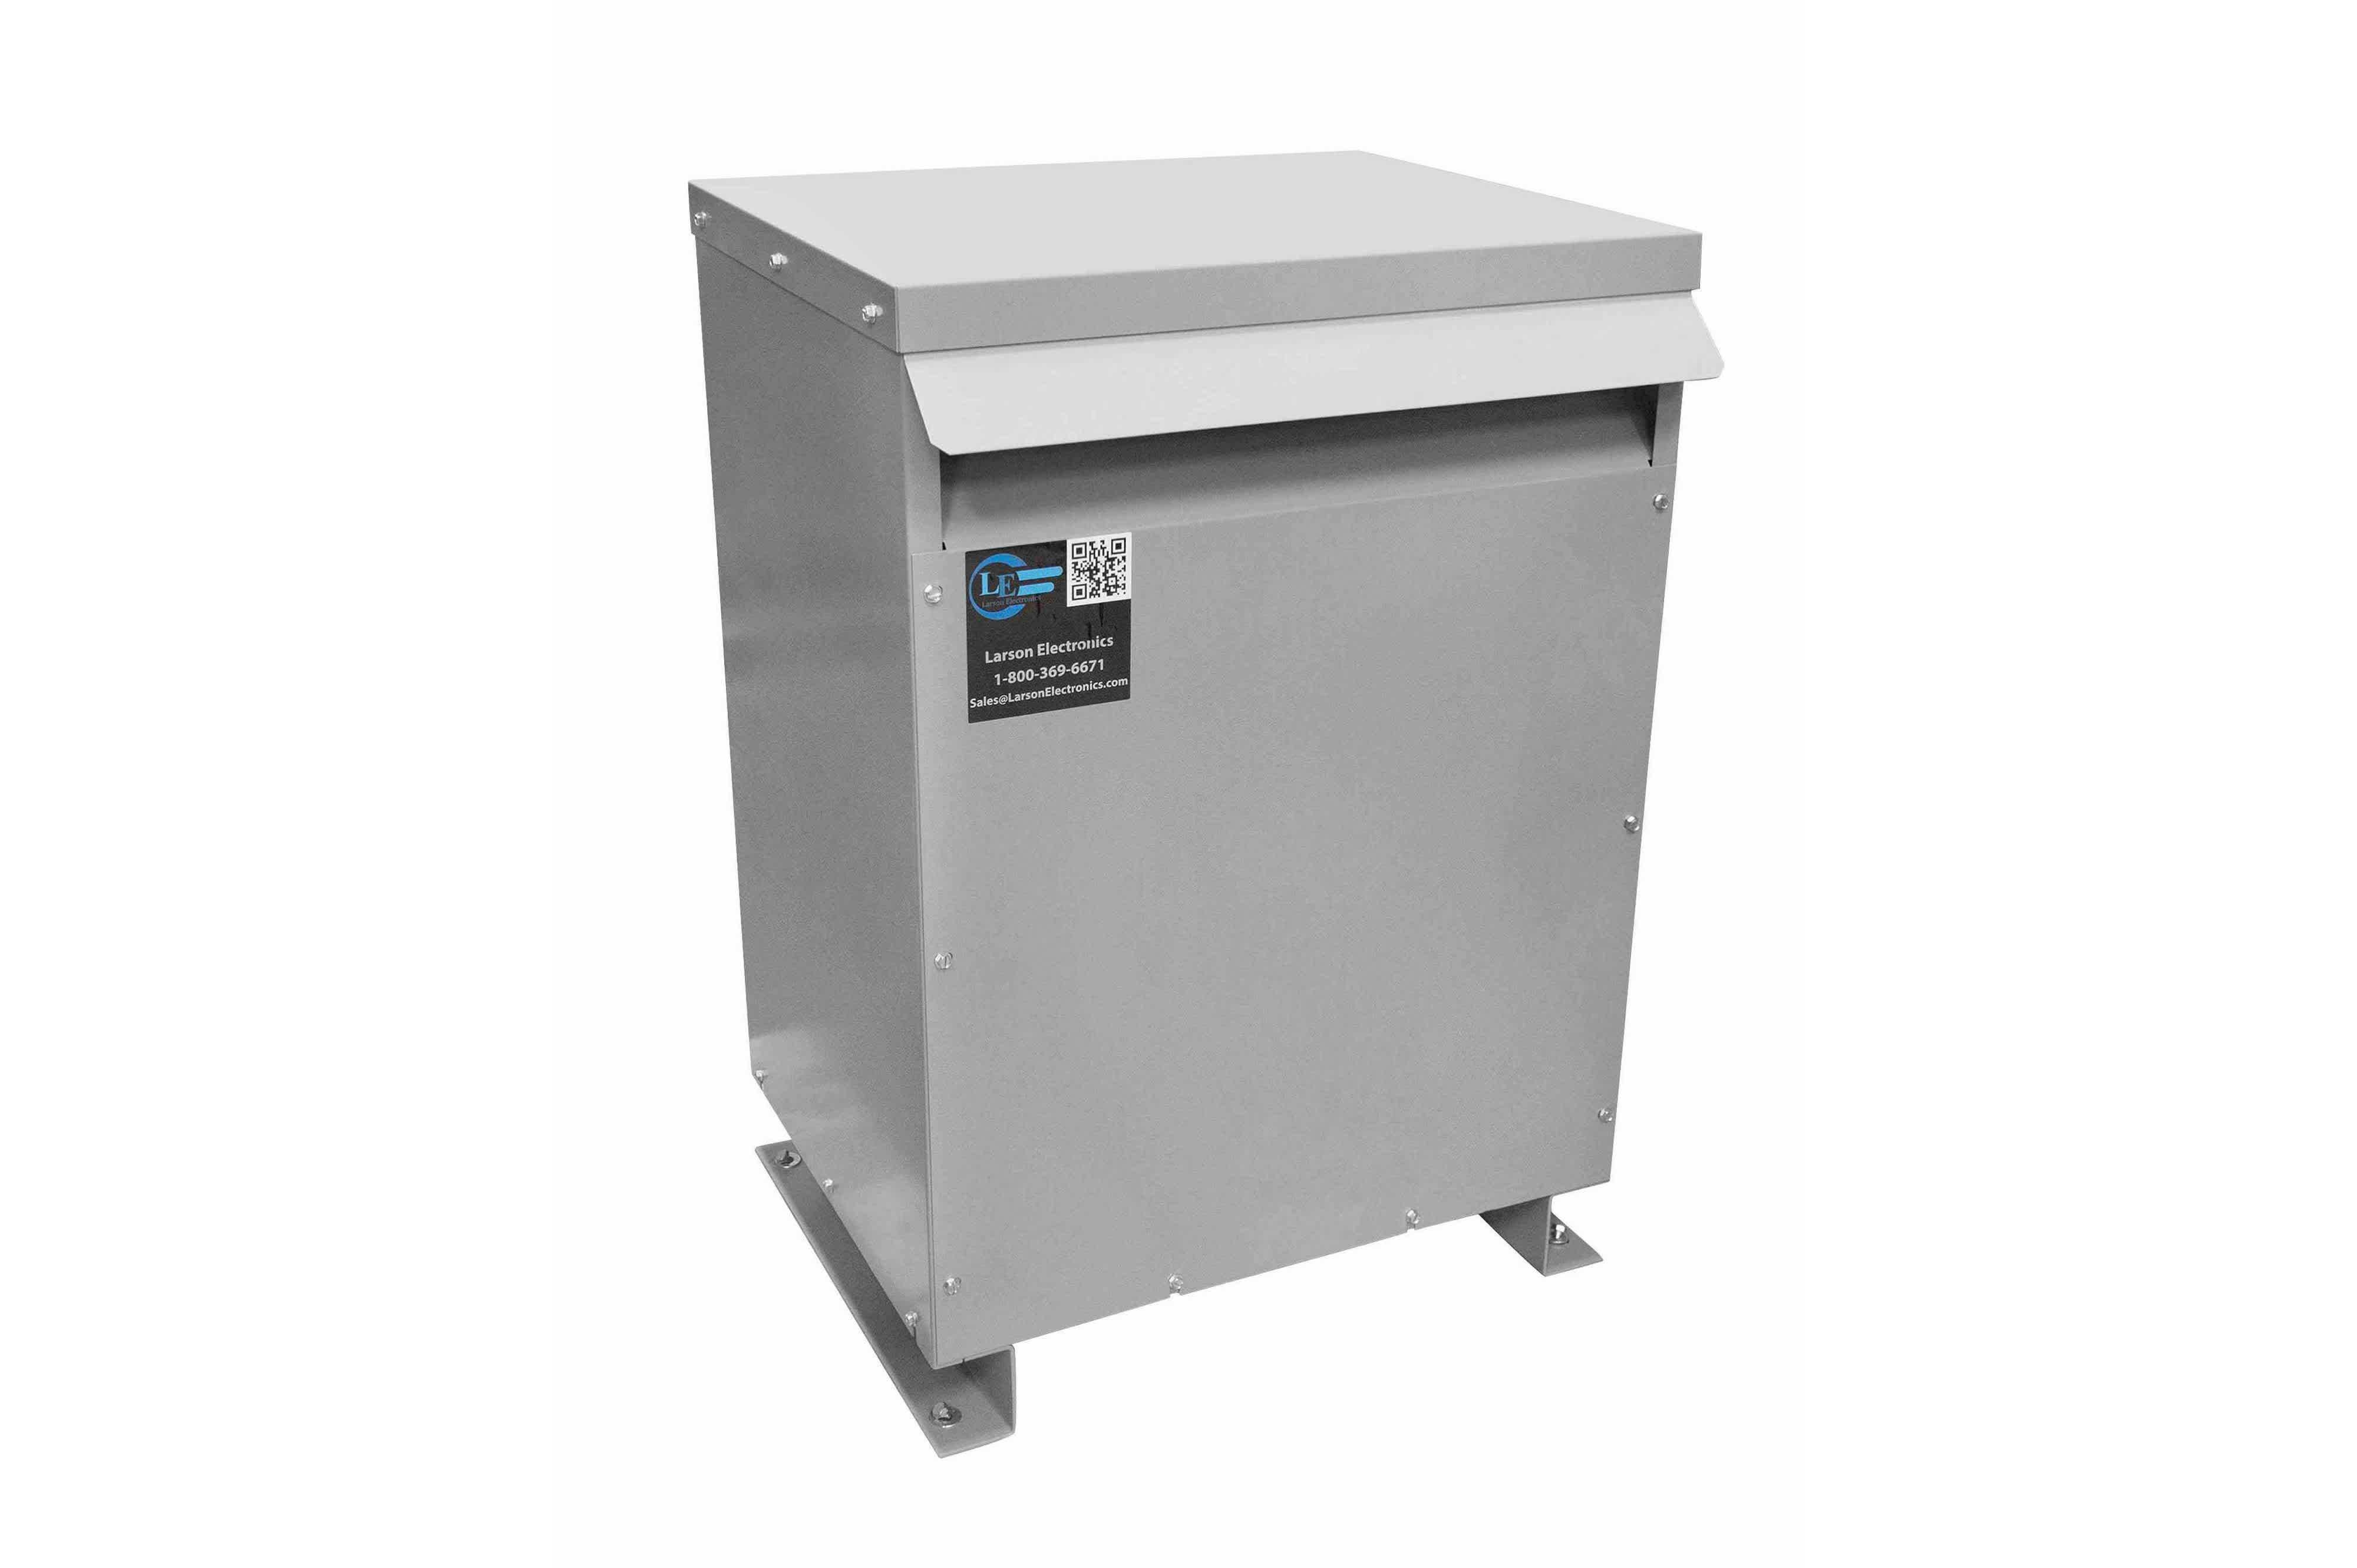 29 kVA 3PH Isolation Transformer, 240V Delta Primary, 208V Delta Secondary, N3R, Ventilated, 60 Hz